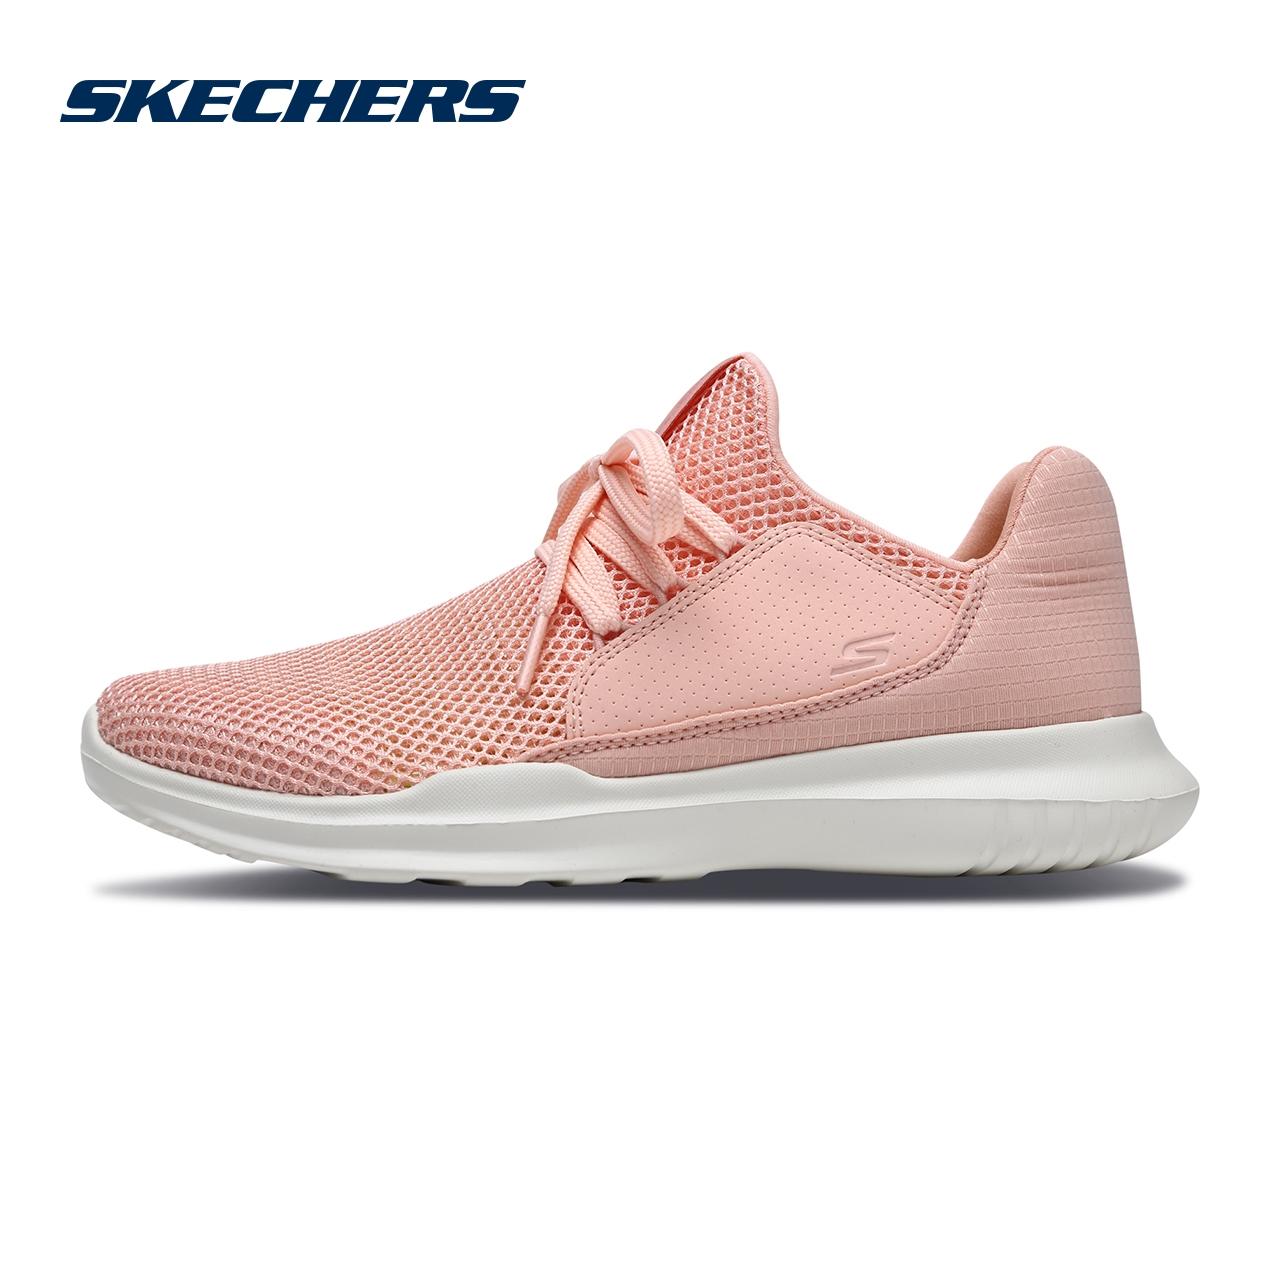 Skechers斯凯奇女鞋新款唐嫣同款轻质网布一脚套 时尚运动鞋14818